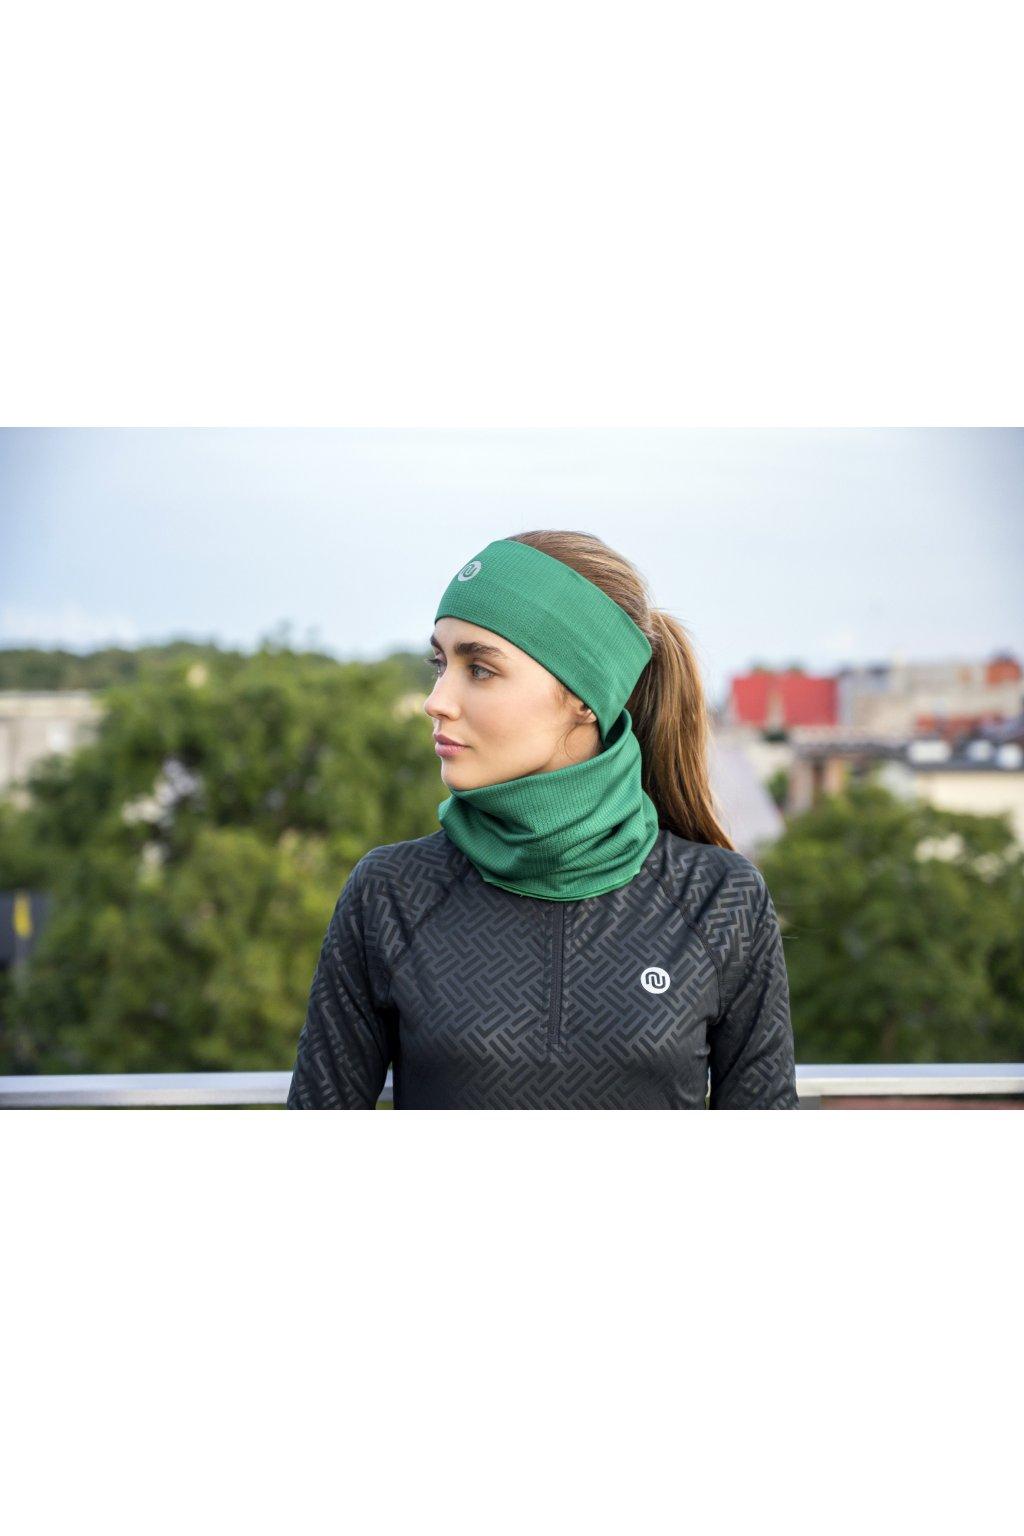 Sportovní Termoaktivní nákrčnik AB2-50F - Green